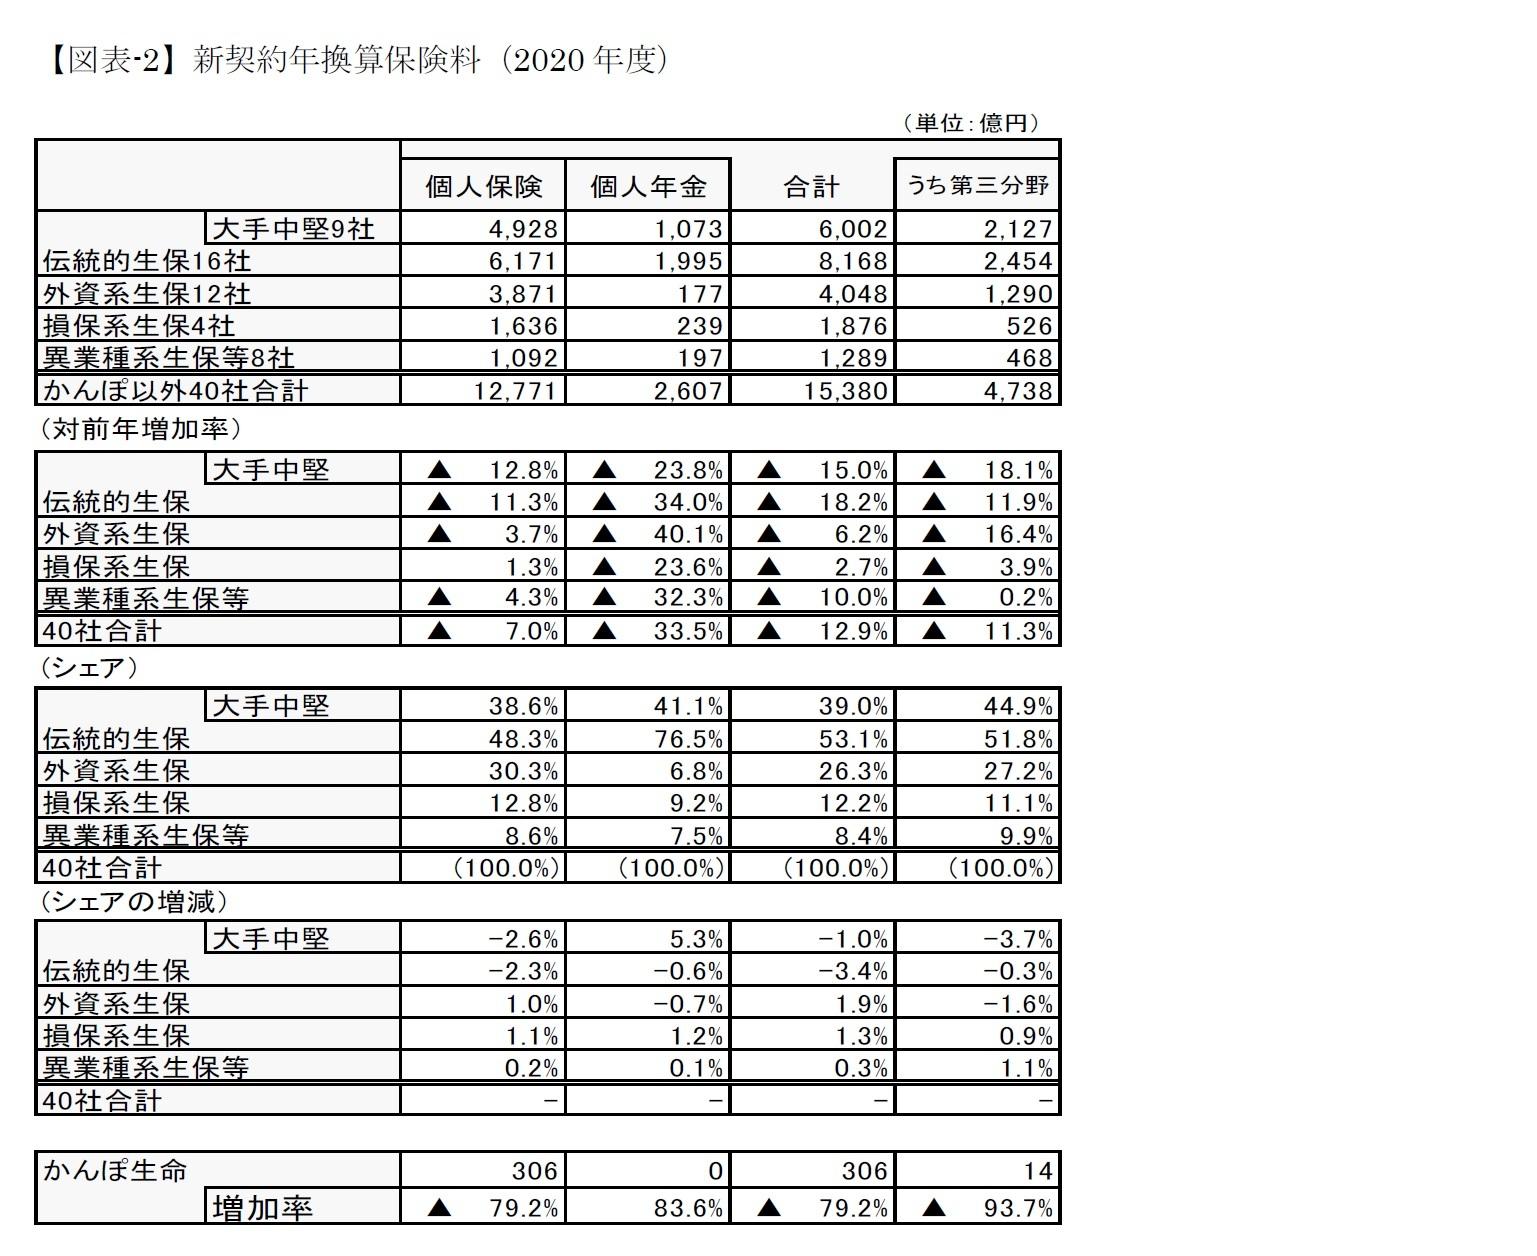 【図表-2】新契約年換算保険料(2020年度)